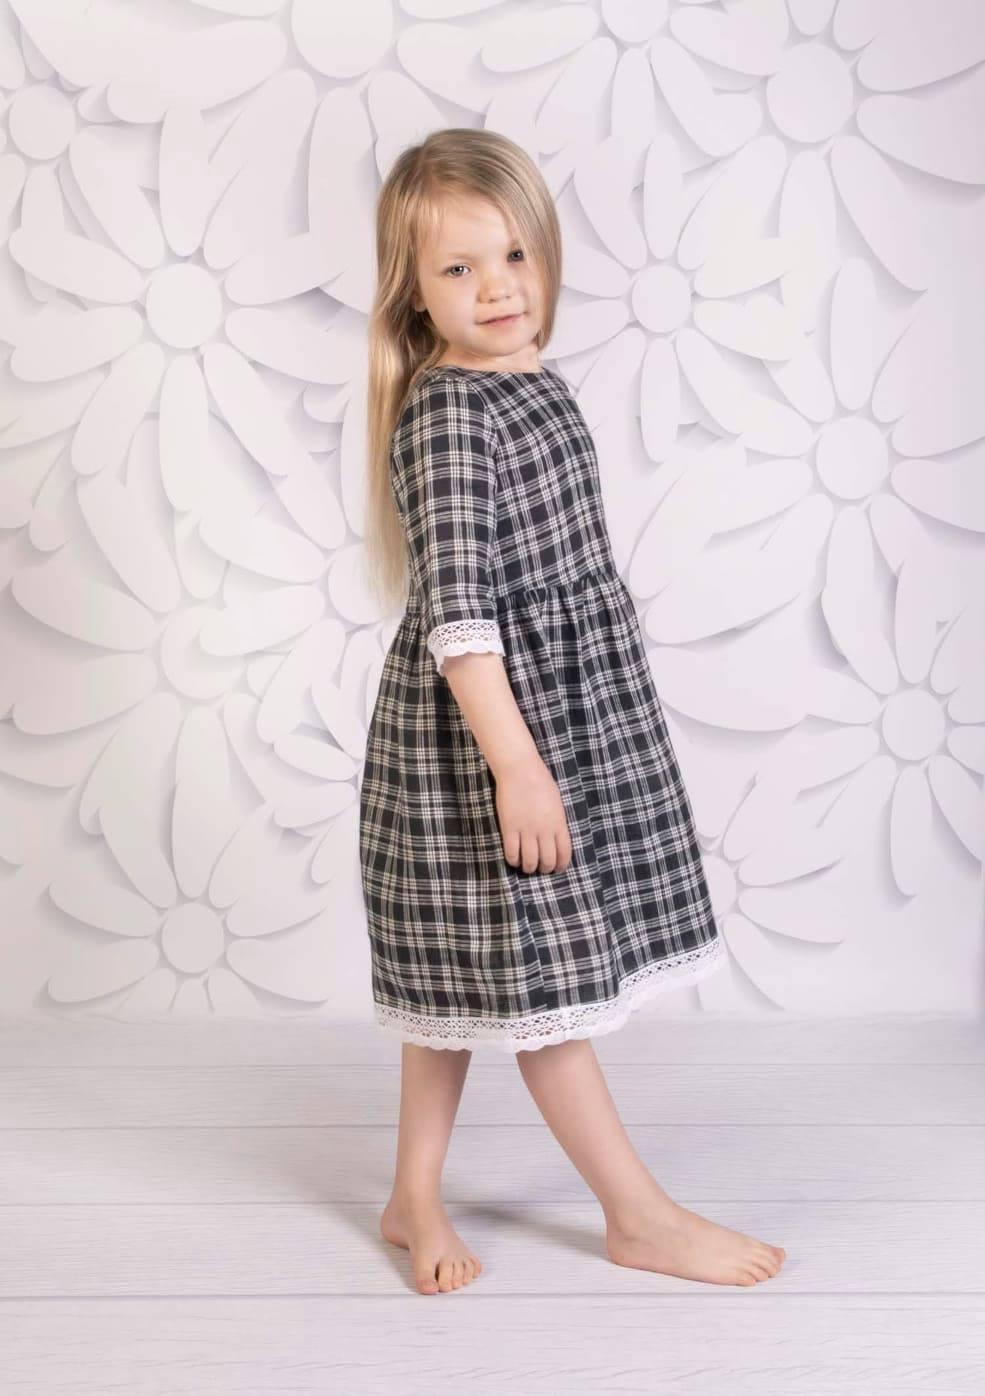 Sukienka dla dziewczynki z laninego materiału w czarno białą kratę z ozdobną koronką na dole sukienki oraz na rękawach. Uszyta w naszej rodzinnej pracowni krawieckiej, została wykonana ze szczególną dbałością o najdrobniejsze szczegóły. Takie jak profesjonalne odszycia kołnierzyka, wykończenia bawełnianą taśmą szwów oraz ręcznie doszywane guziki. Uszyta ze 100% lnu. Sukienka dostępna jest w kilku rozmiarach oraz wersjach kolorystycznych. Jeżeli chcesz aby Twoje dziecko nosiło przepięknie odszyte sukienki musisz koniecznie zamówić jedną z nich. Jeżeli spodobała Ci się sukienka a nie widzisz rozmiaru pasującego na Twoje dziecko, napisz do nas chętnie uszyjemy ją w odpowiednim rozmiarze.